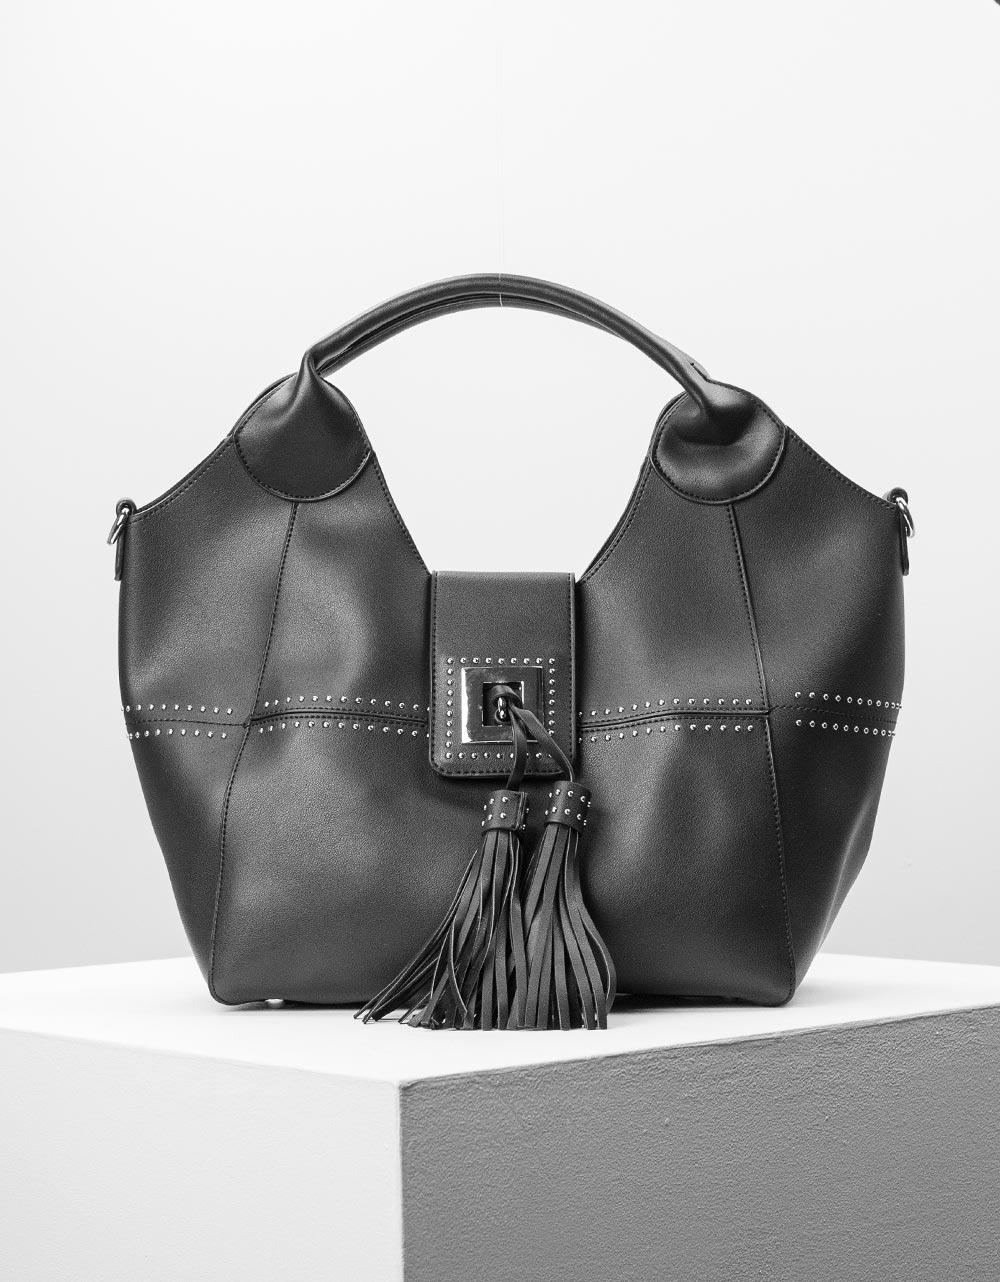 Εικόνα από Γυναικεία τσάντα χειρός με εσωτερικό τσαντάκι και διακοσμητικά φουντάκια Μαύρο